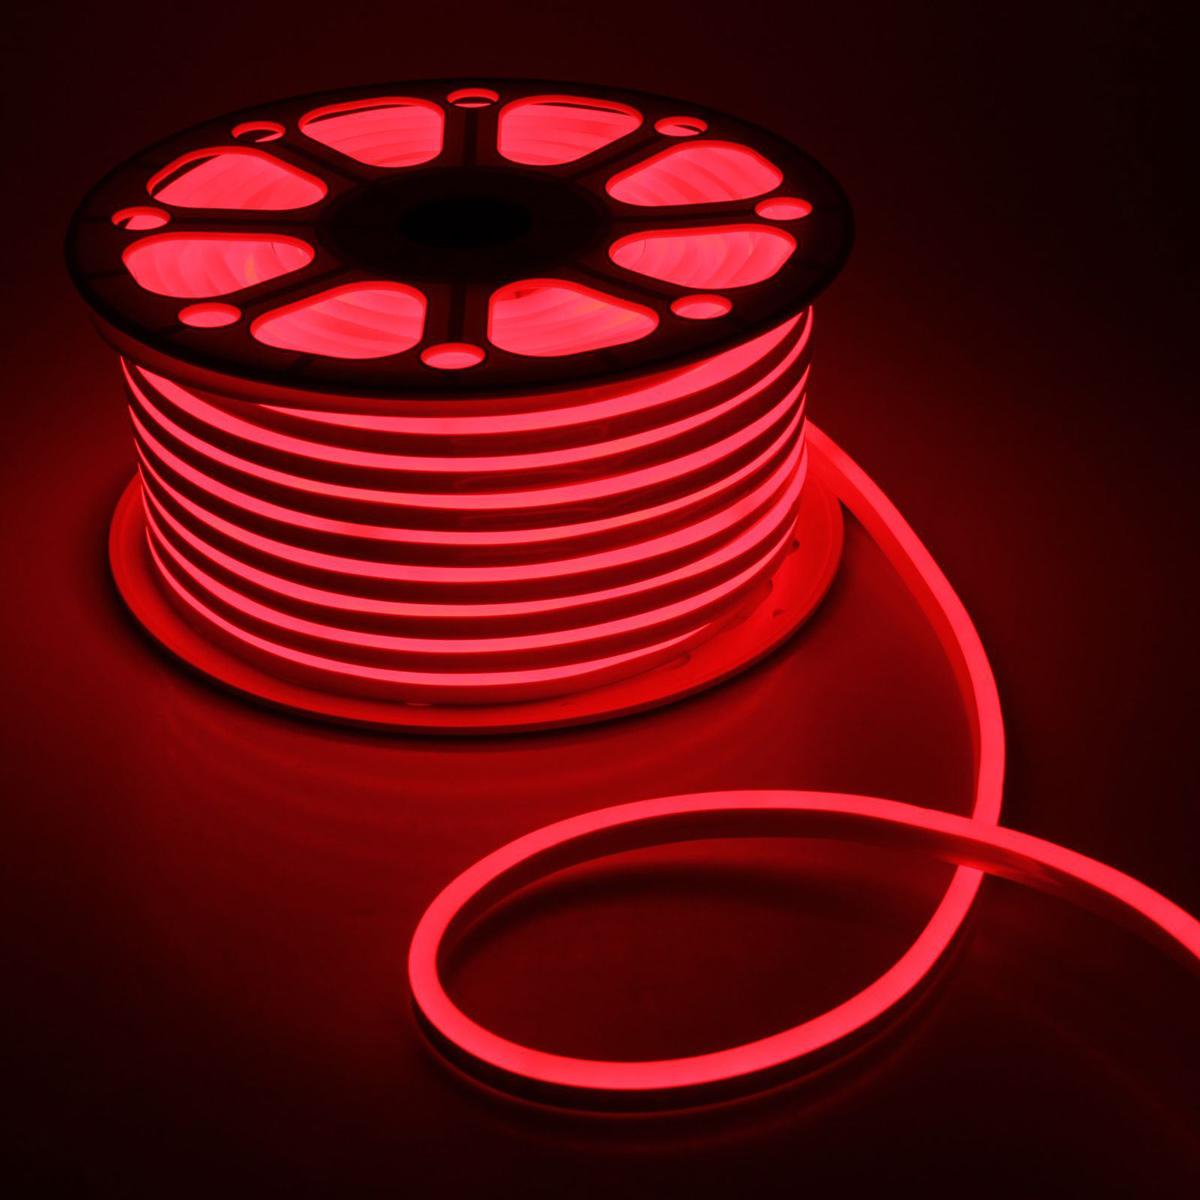 Гирлянда светодиодная Luazon, 120 ламп, 220 V, цвет: красный, 0,8 см х 1,6 см х 50 м. 14312611431261Светодиодные гирлянды, ленты и т.д — это отличный вариант для новогоднего оформления интерьера или фасада. С их помощью помещение любого размера можно превратить в праздничный зал, а внешние элементы зданий, украшенные ими, мгновенно станут напоминать очертания сказочного дворца. Такие украшения создают ауру предвкушения чуда. Деревья, фасады, витрины, окна и арки будто специально созданы, чтобы вы украсили их светящимися нитями.